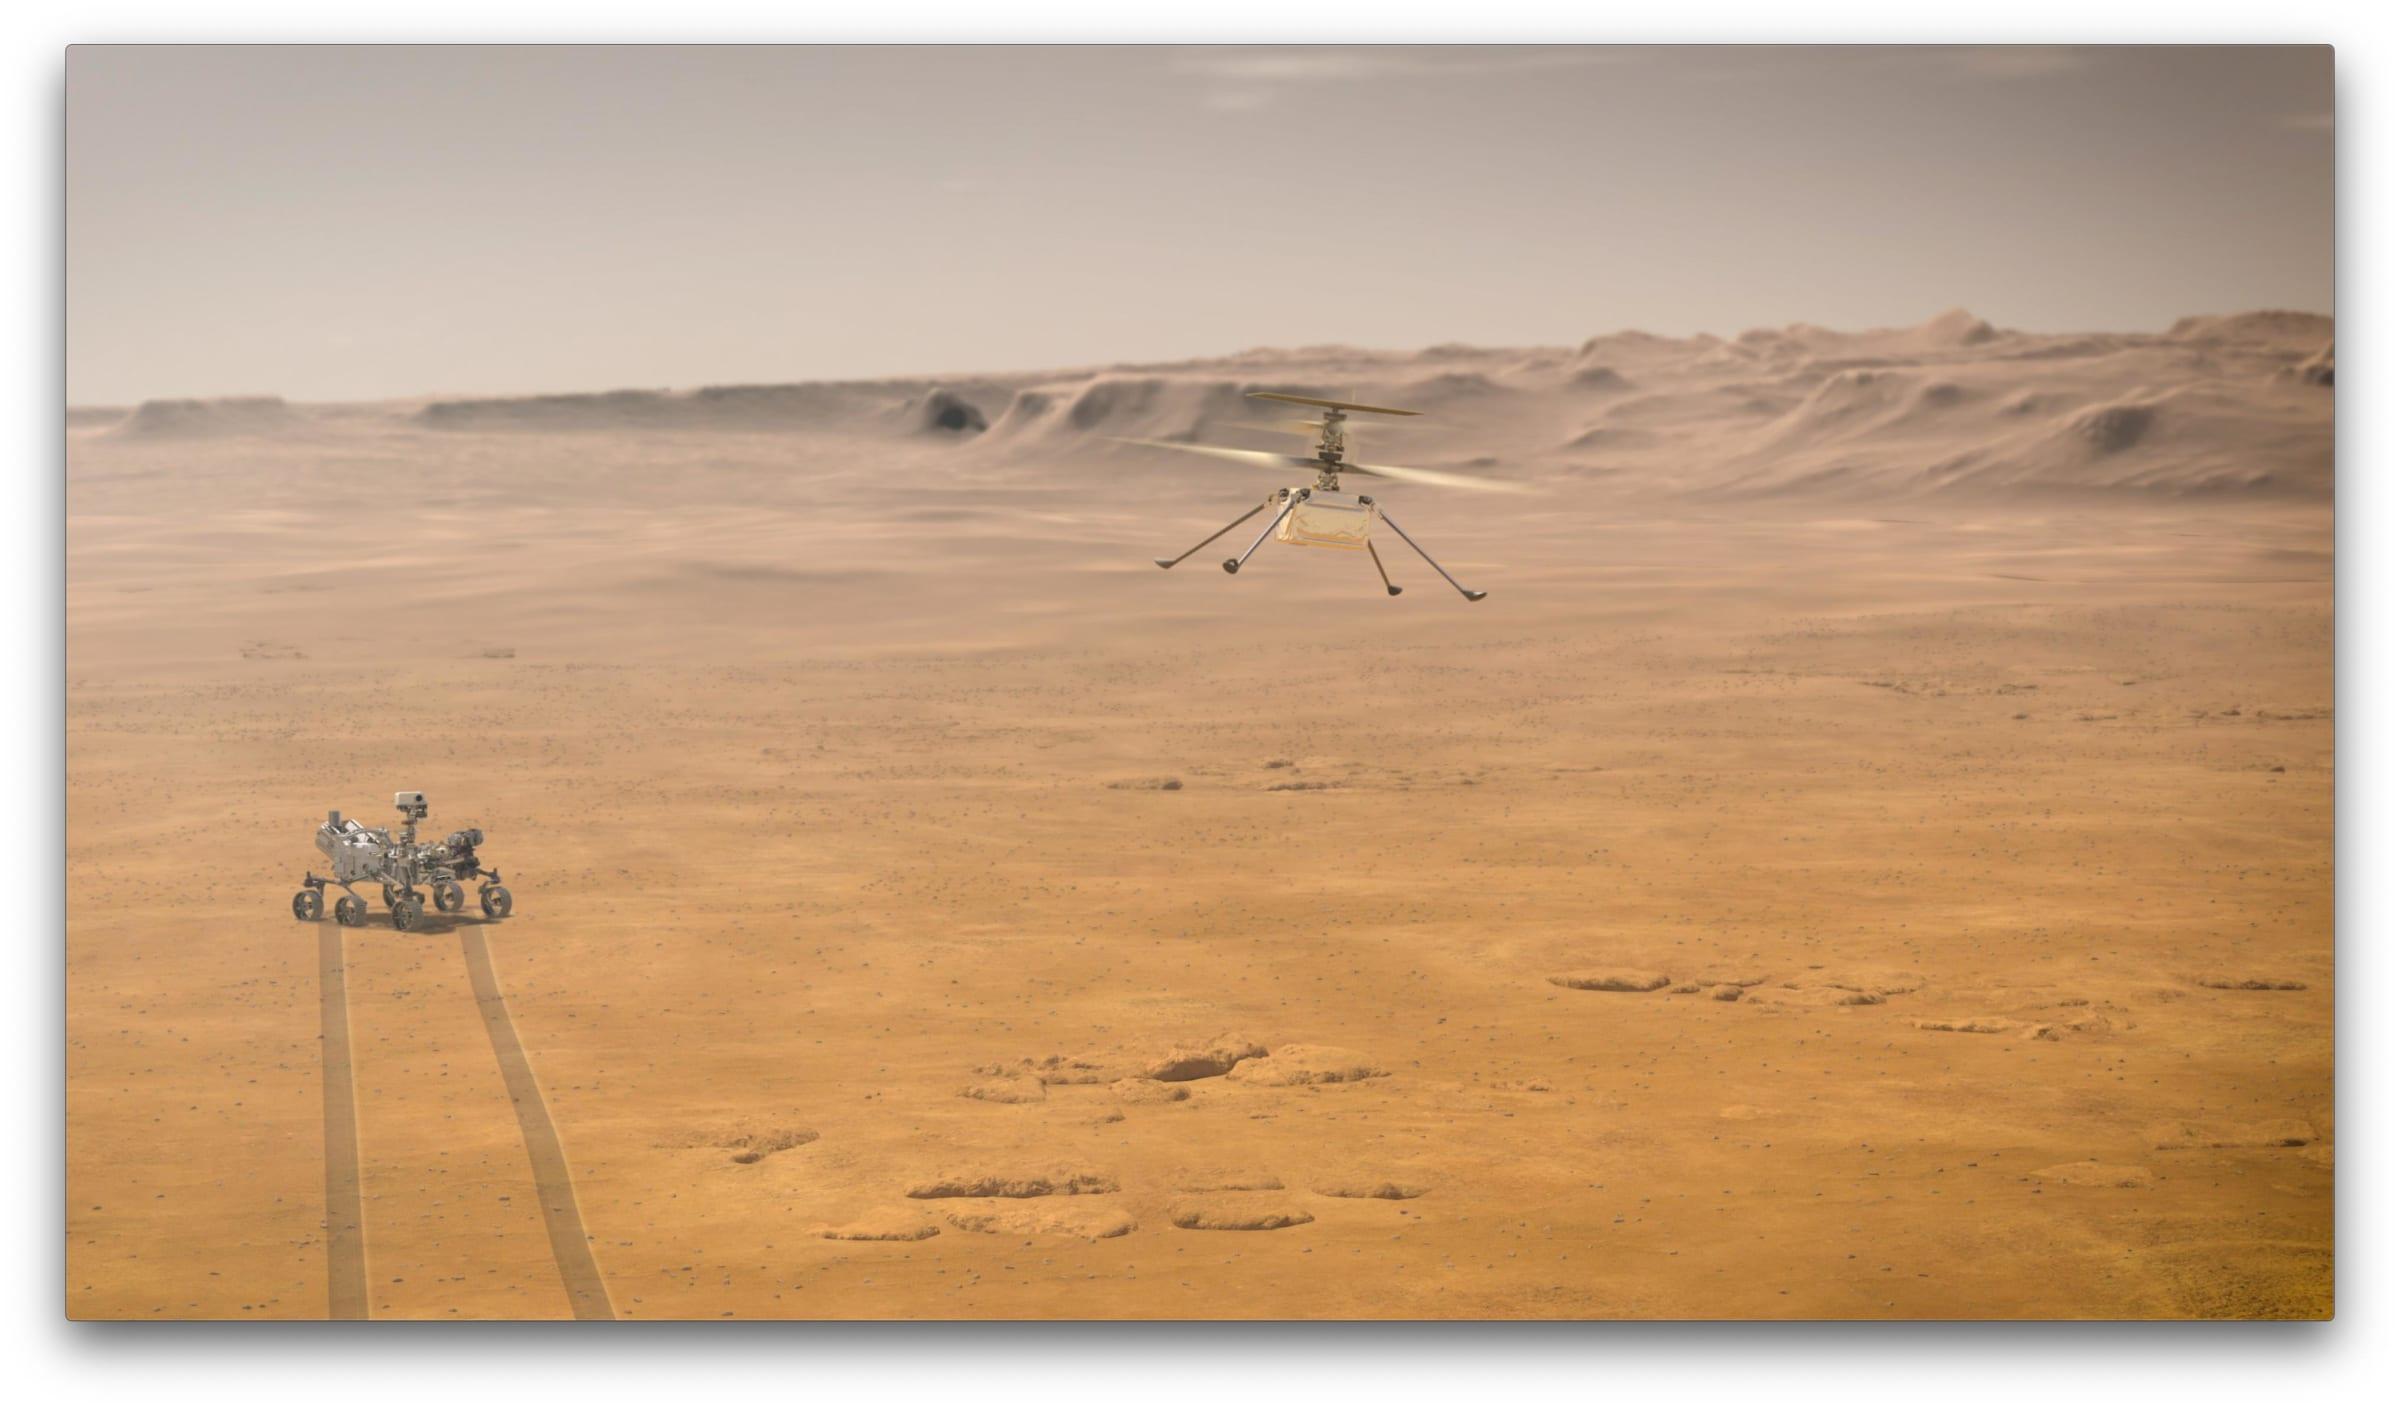 地球以外で初めて、人類はヘリコプターの飛行に成功した。